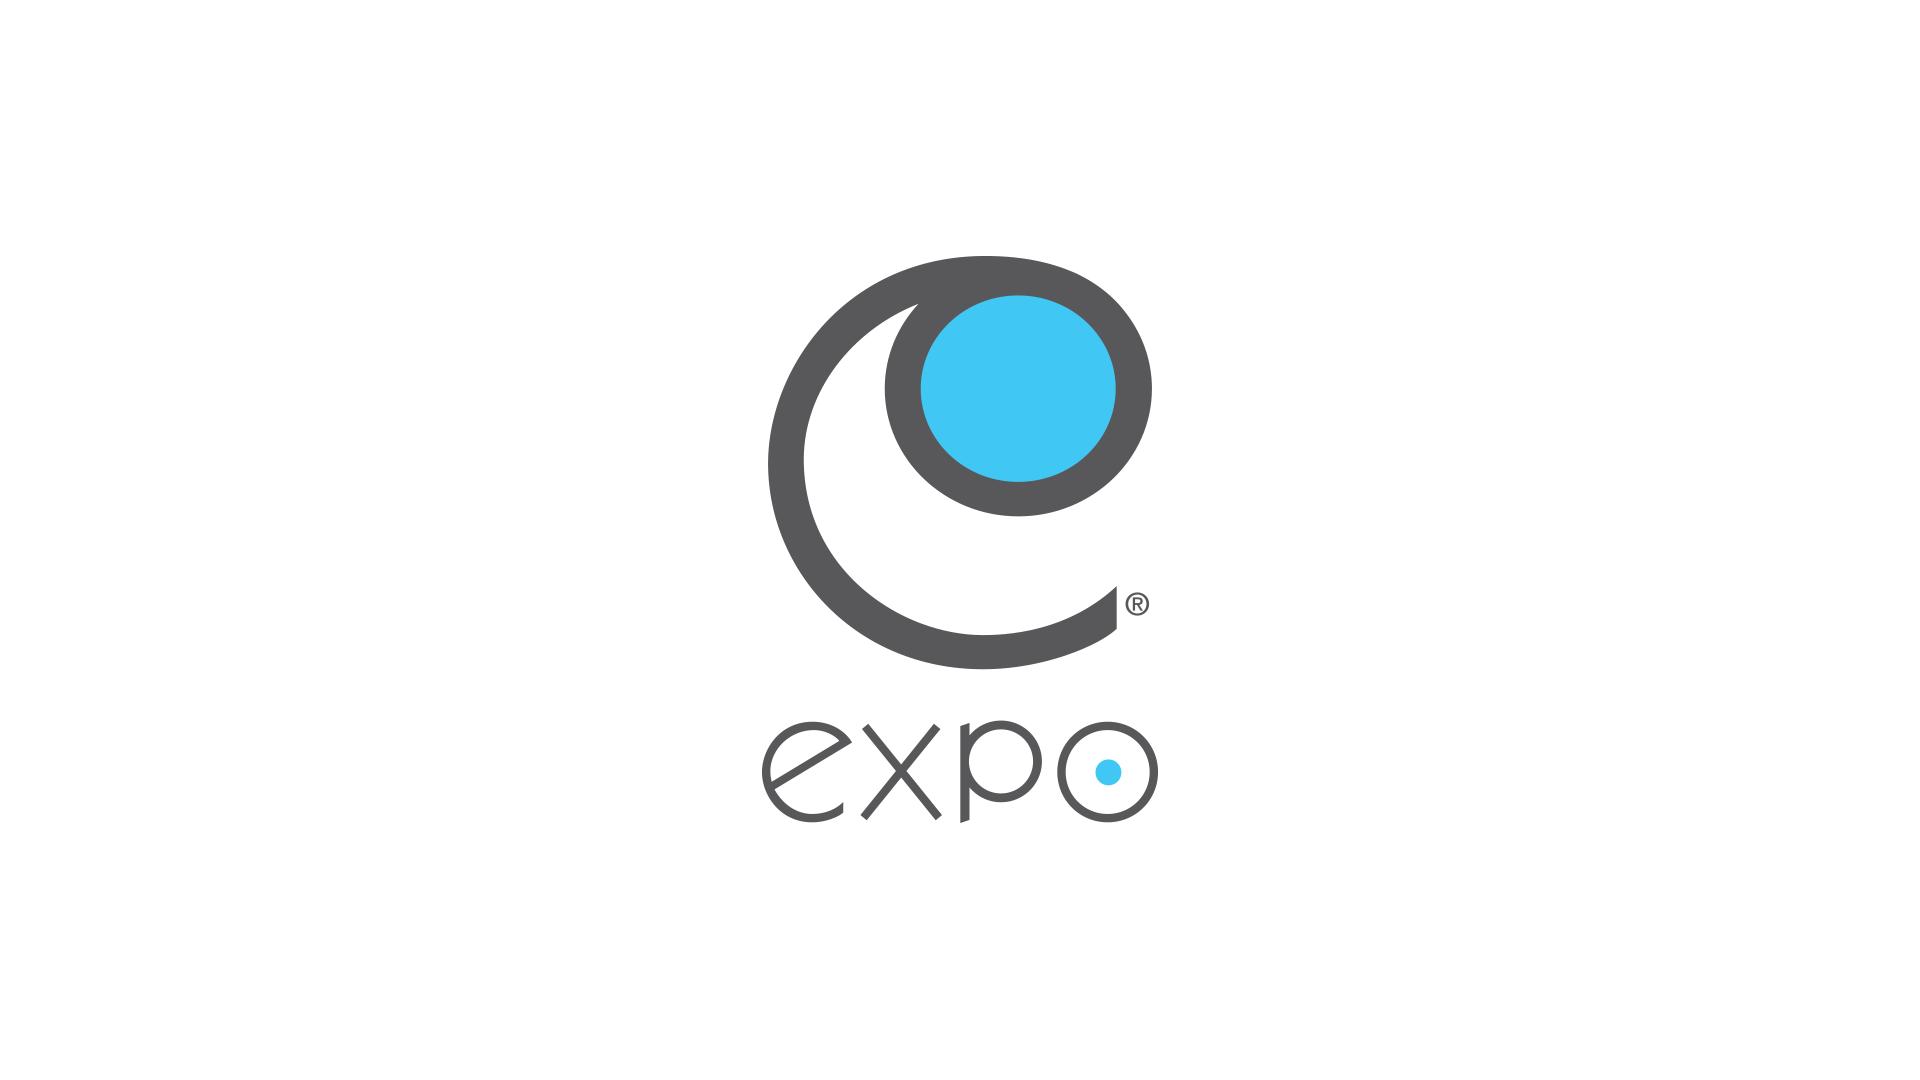 Logos_Expo_1.png